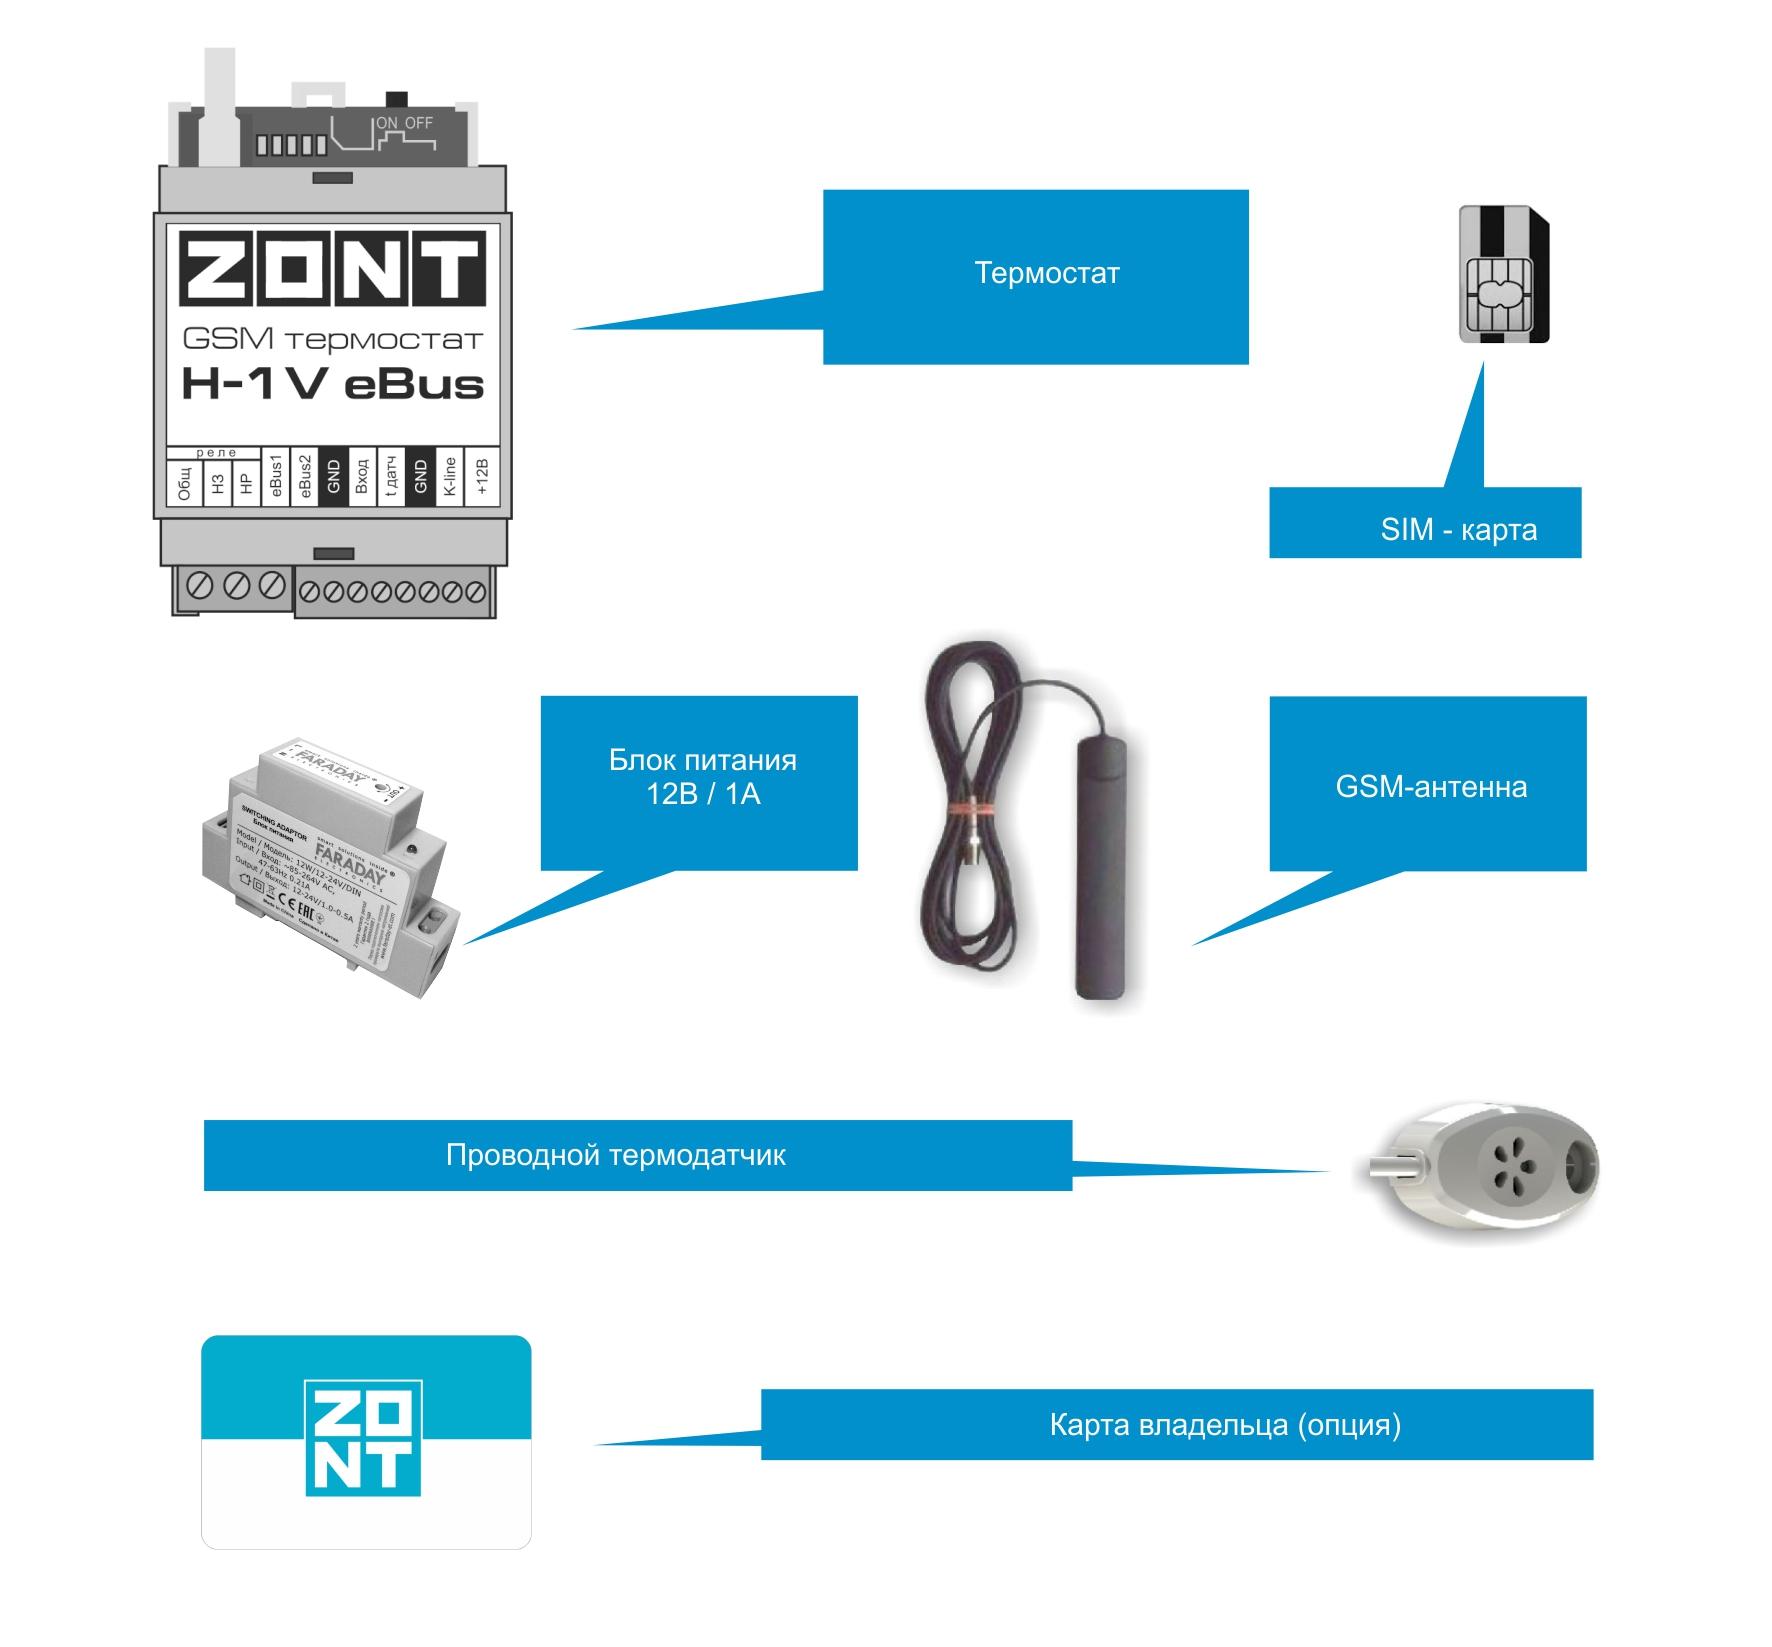 Комплект поставки термостата zont h1V e-bus